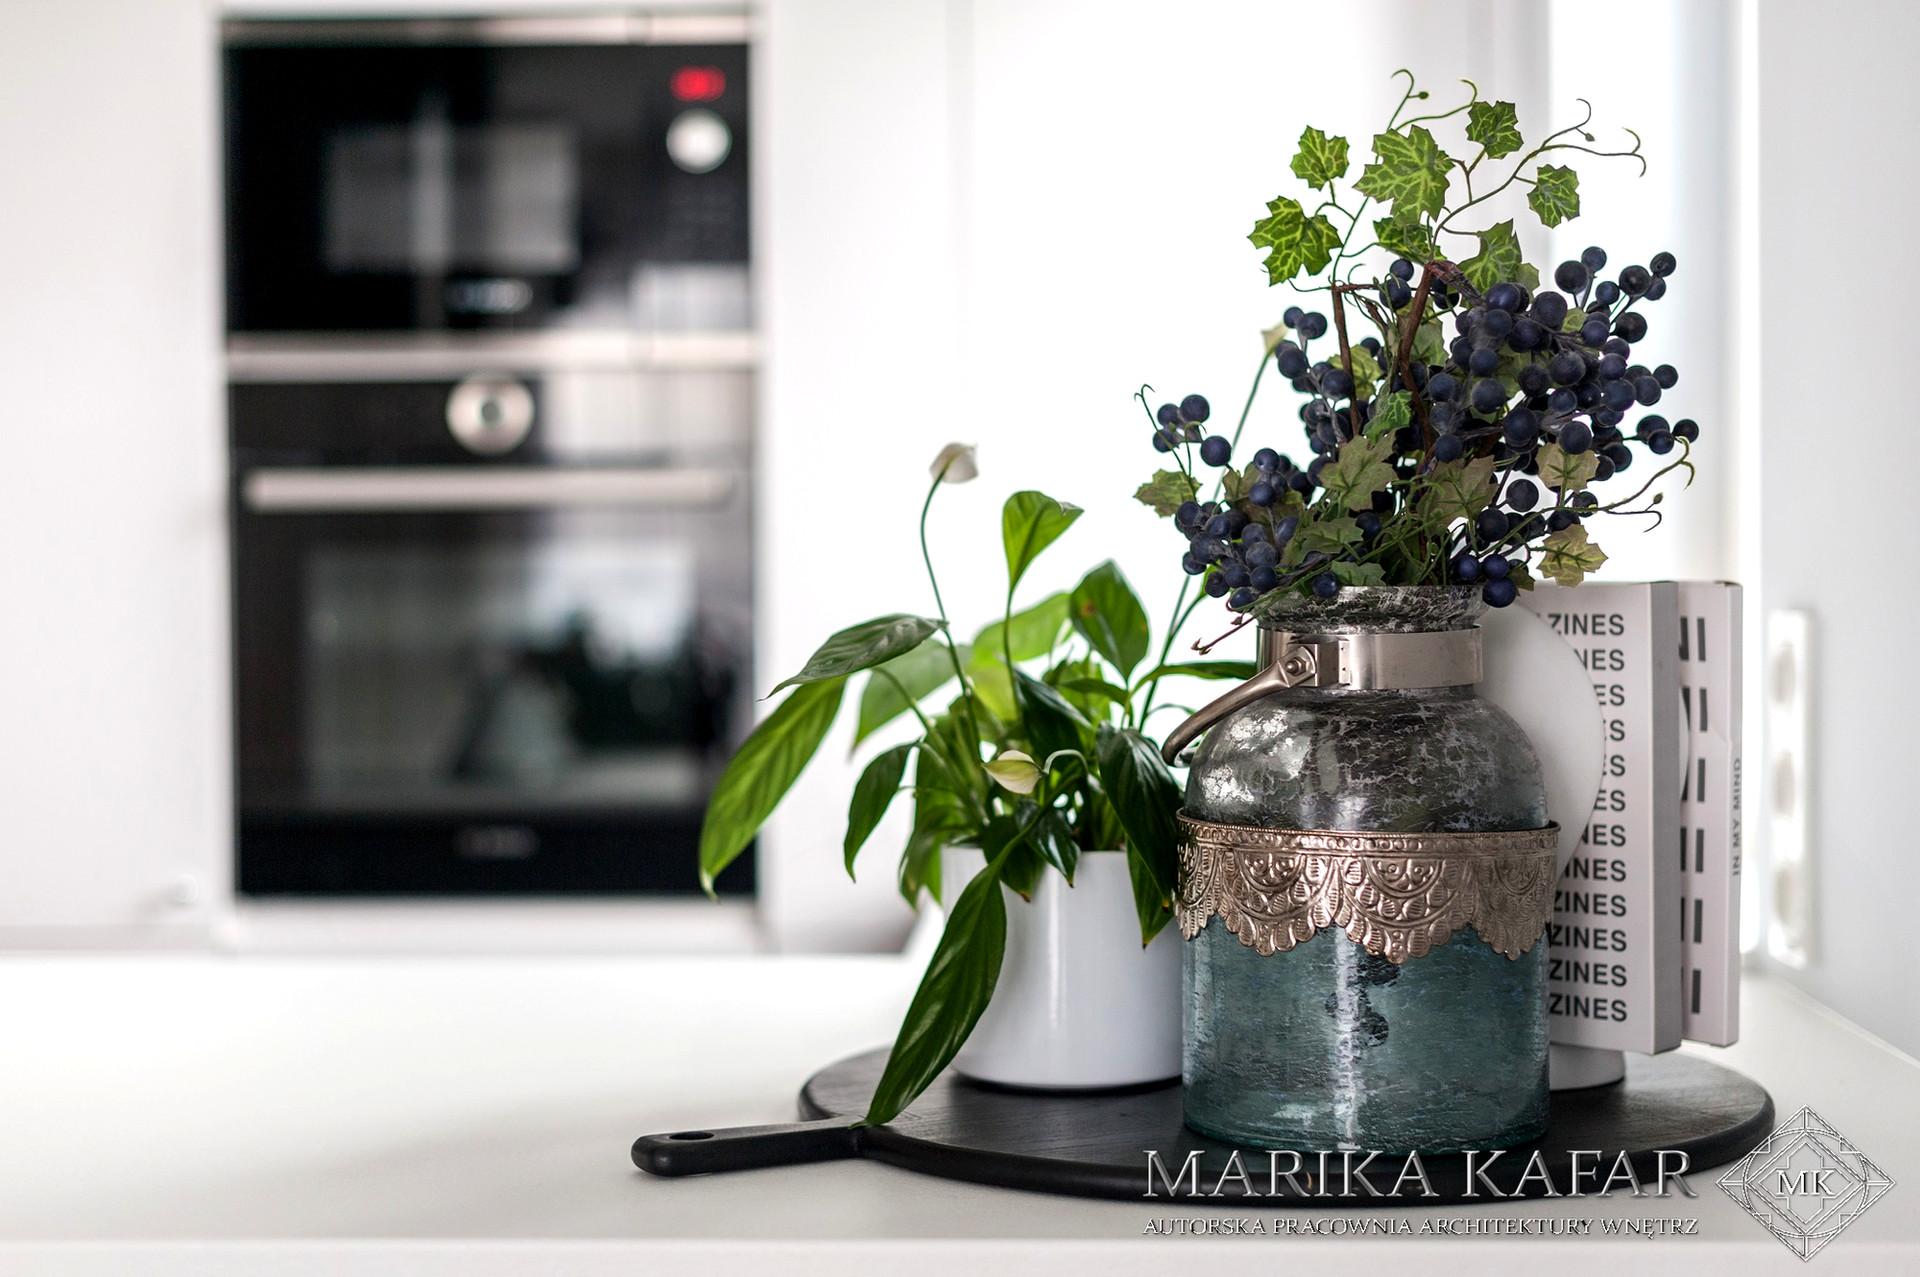 Marika Kafar. Projekt, w którym rośliny pełnią ważną rolę.